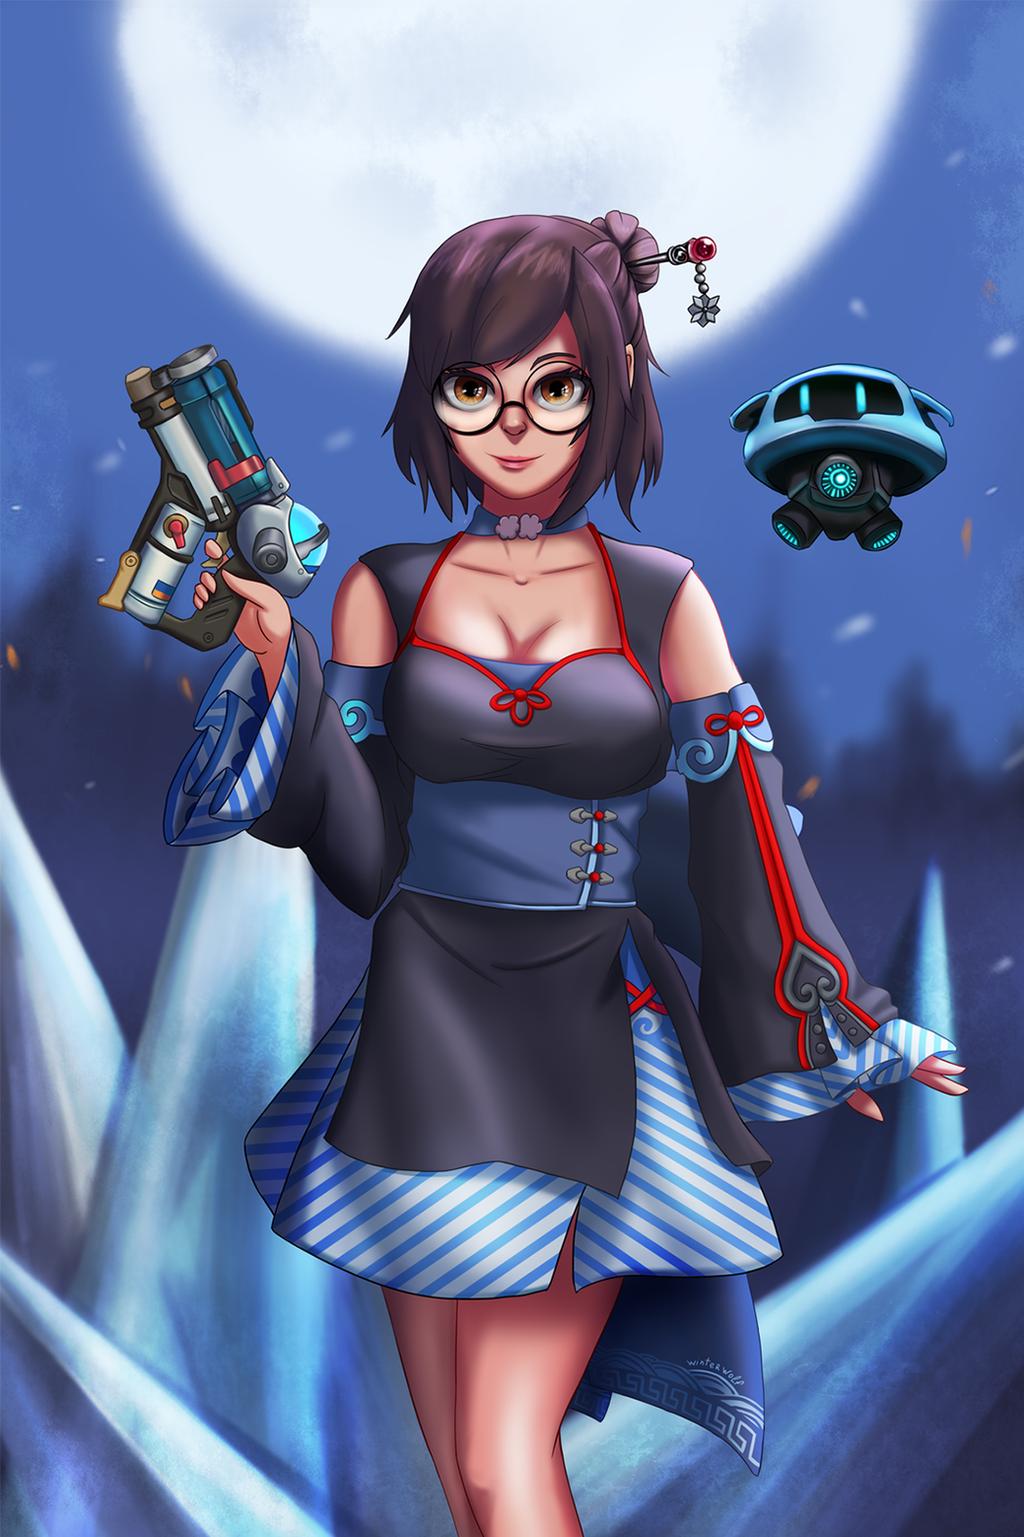 Mei Overwatch by winterwolf38